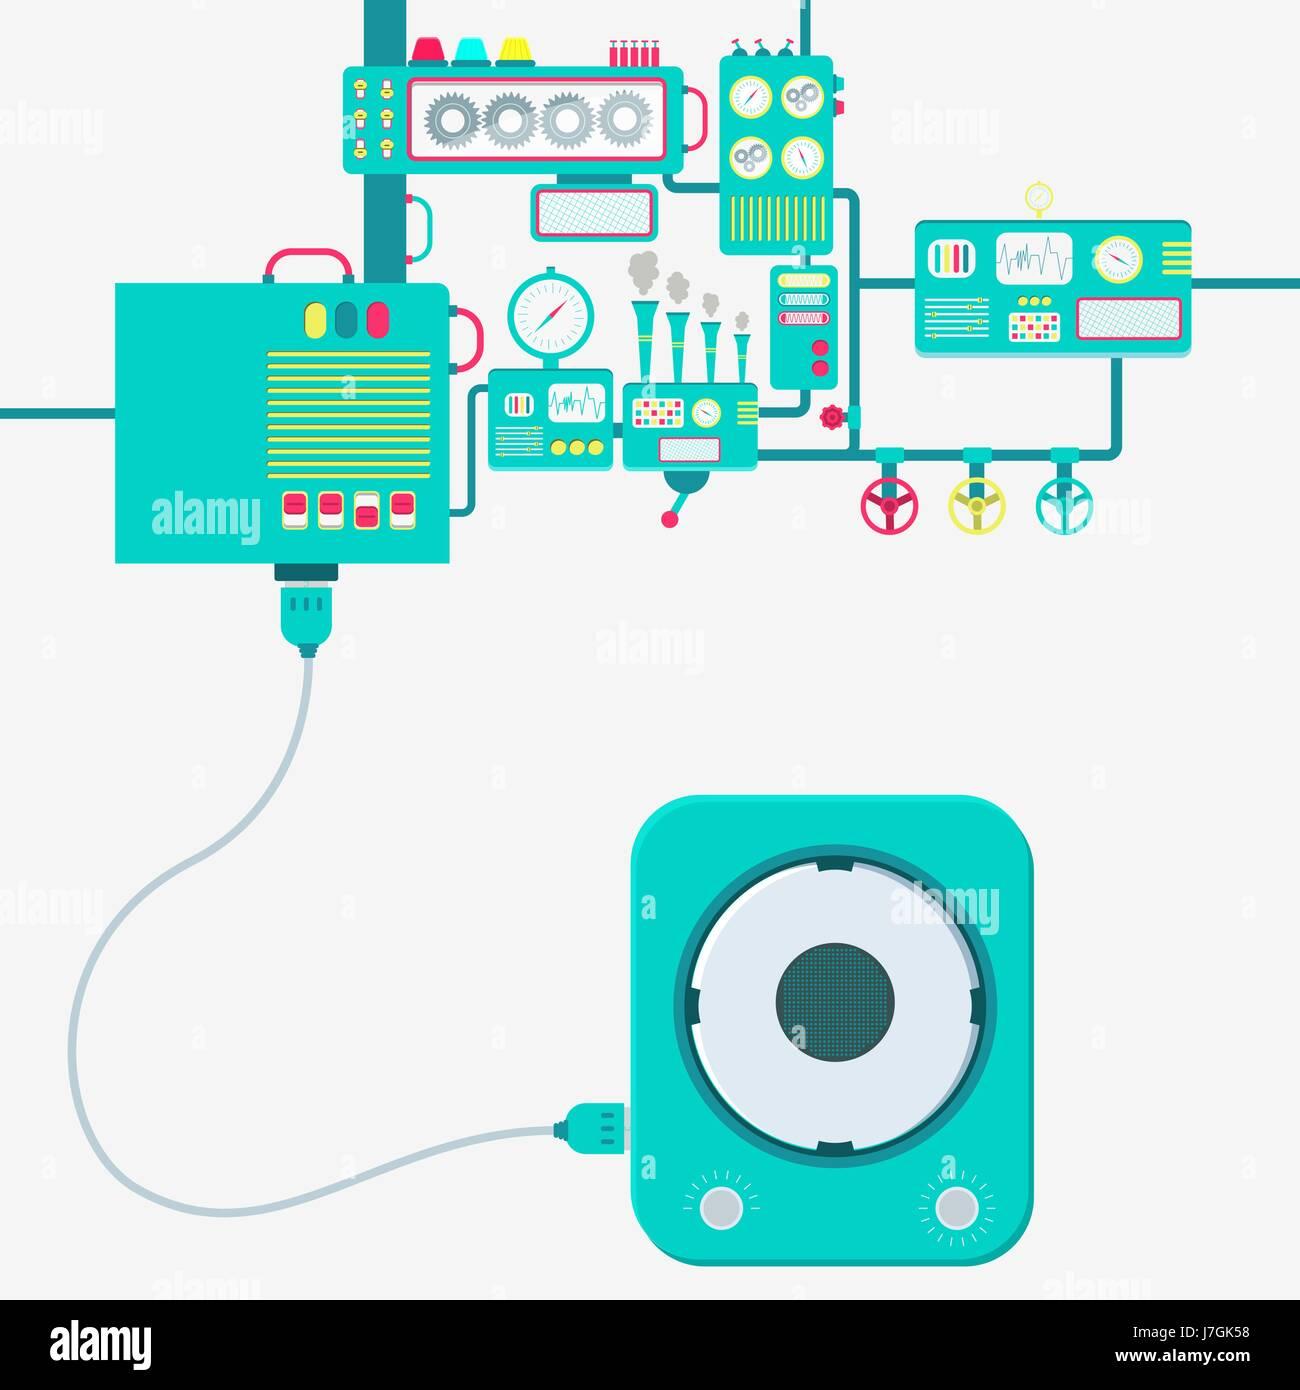 Stromversorgung von einem Lautsprecher-Zubehör. Lautsprecher an eine Maschine angeschlossen. Maschinen produzieren Stockbild